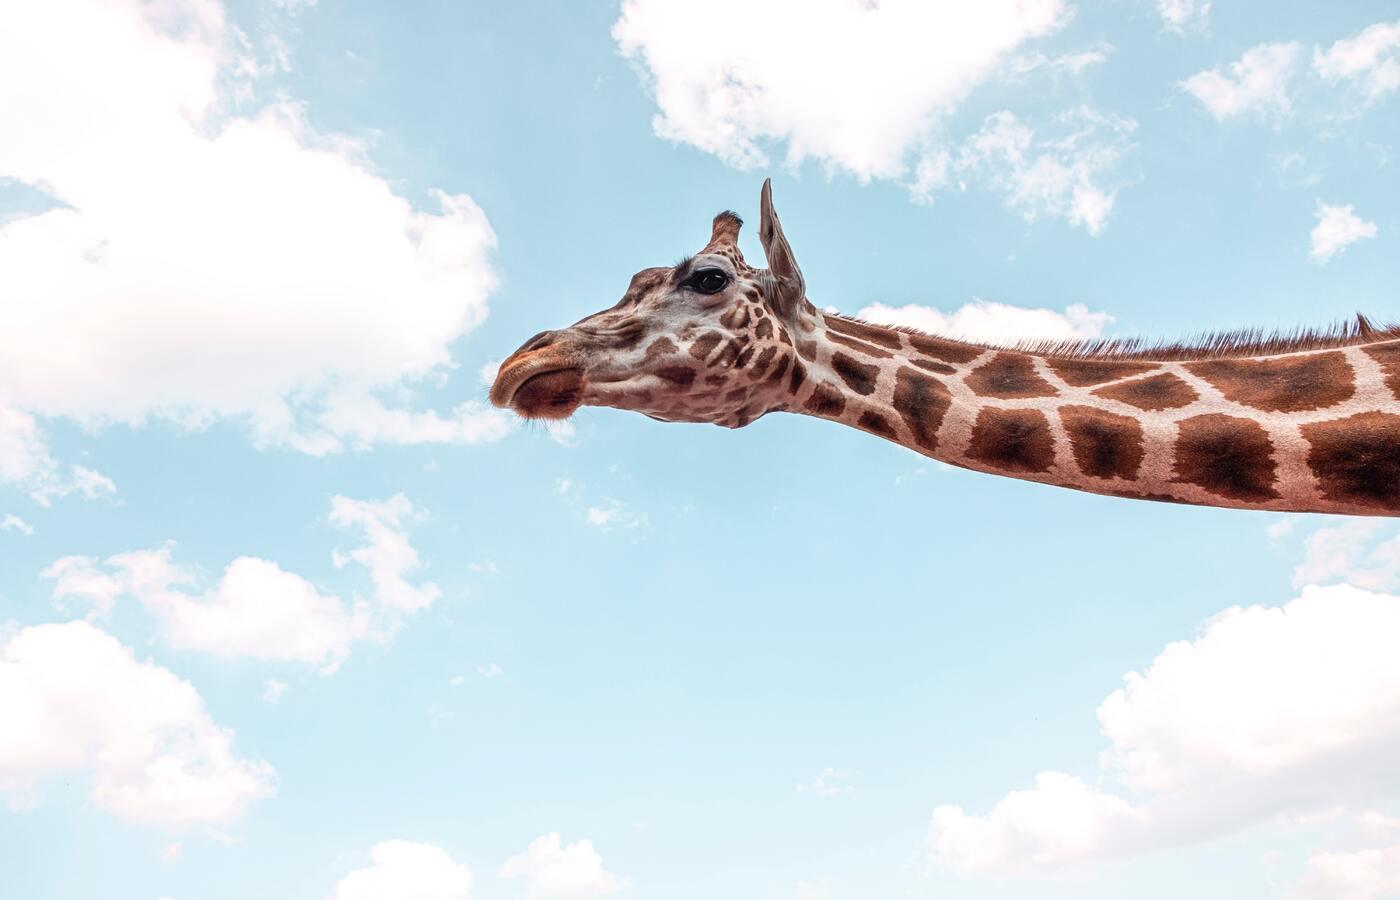 giraffe-under-blue-sky-5k-lu.jpg